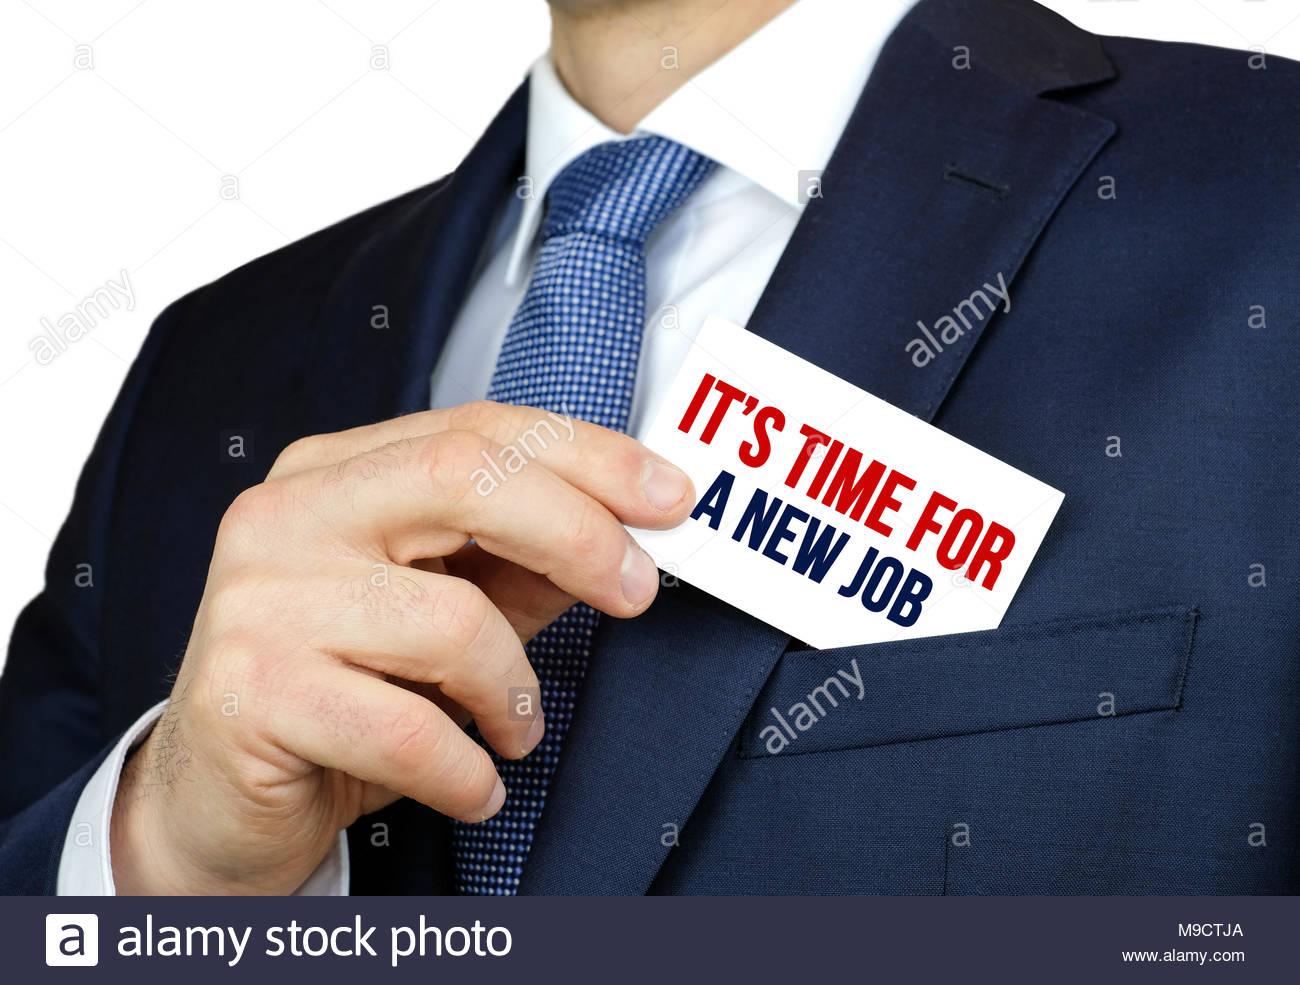 È tempo per un nuovo lavoro - nozione di carriera Immagini Stock